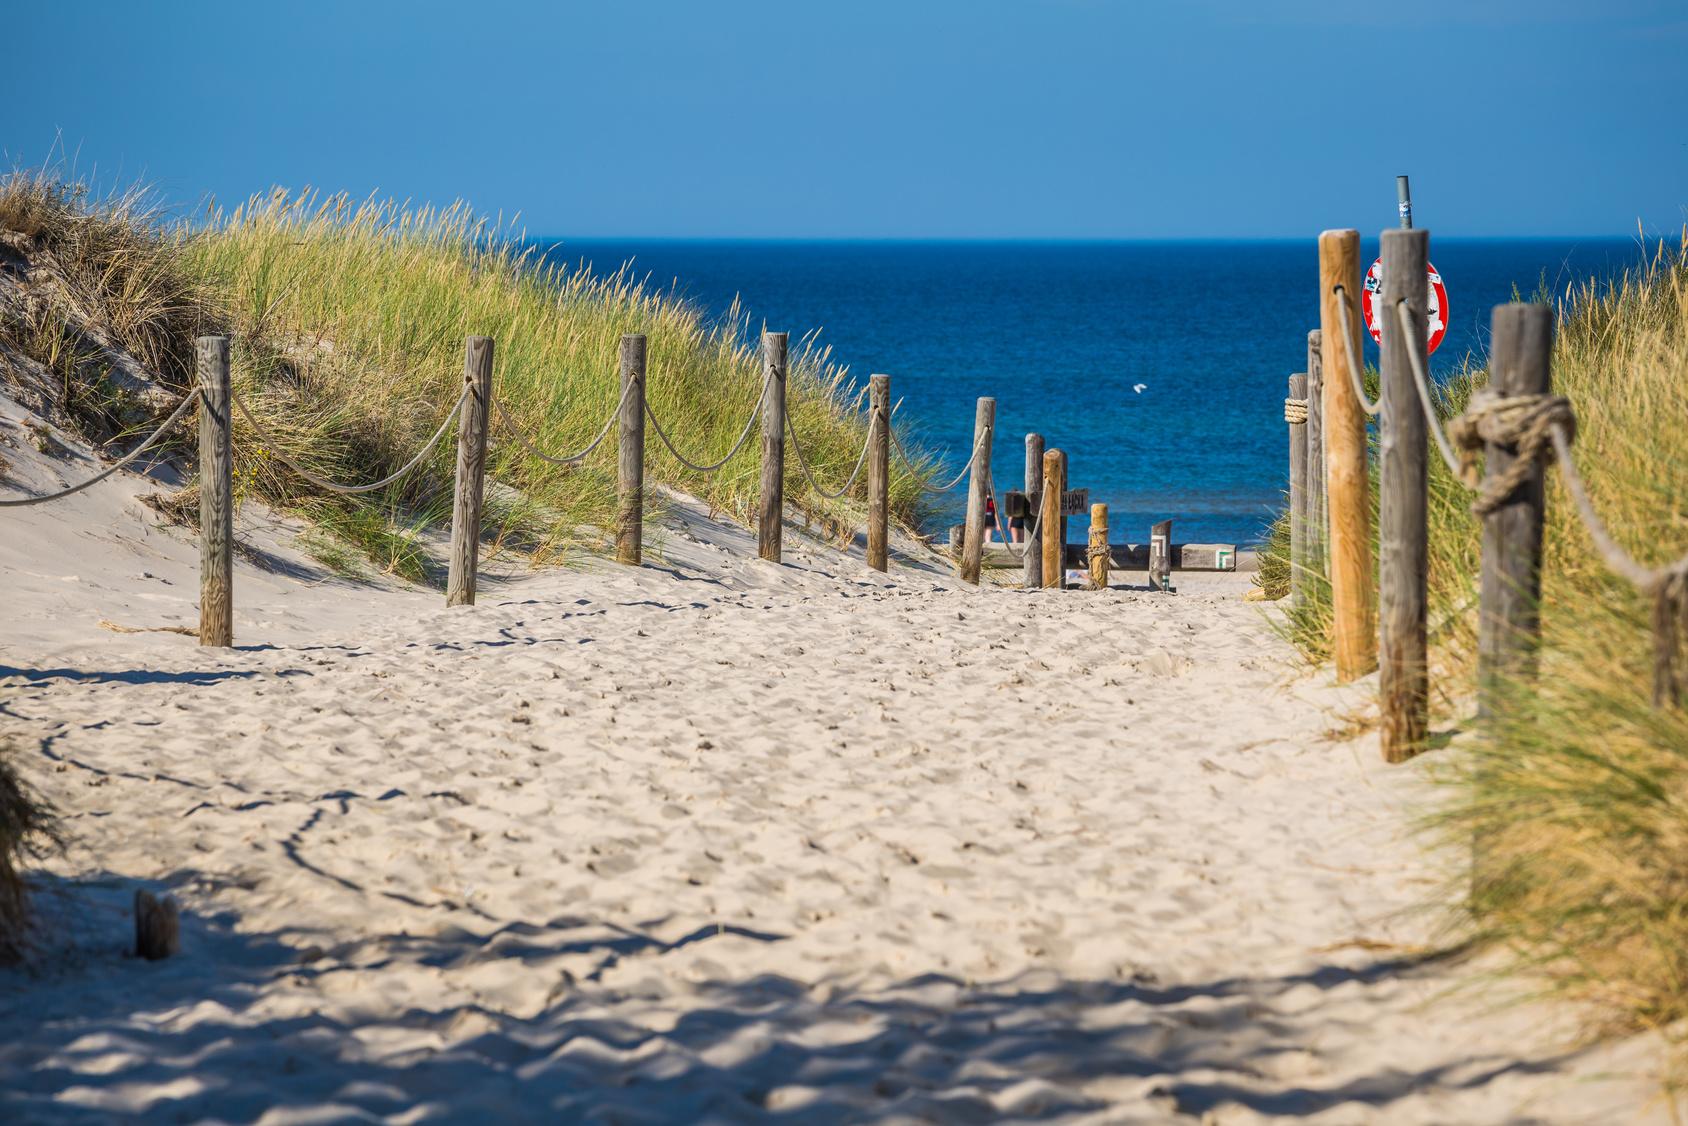 plaża, morze, Bałtyk, Polska, podróż, urlop, wakacje, Ekantor.pl